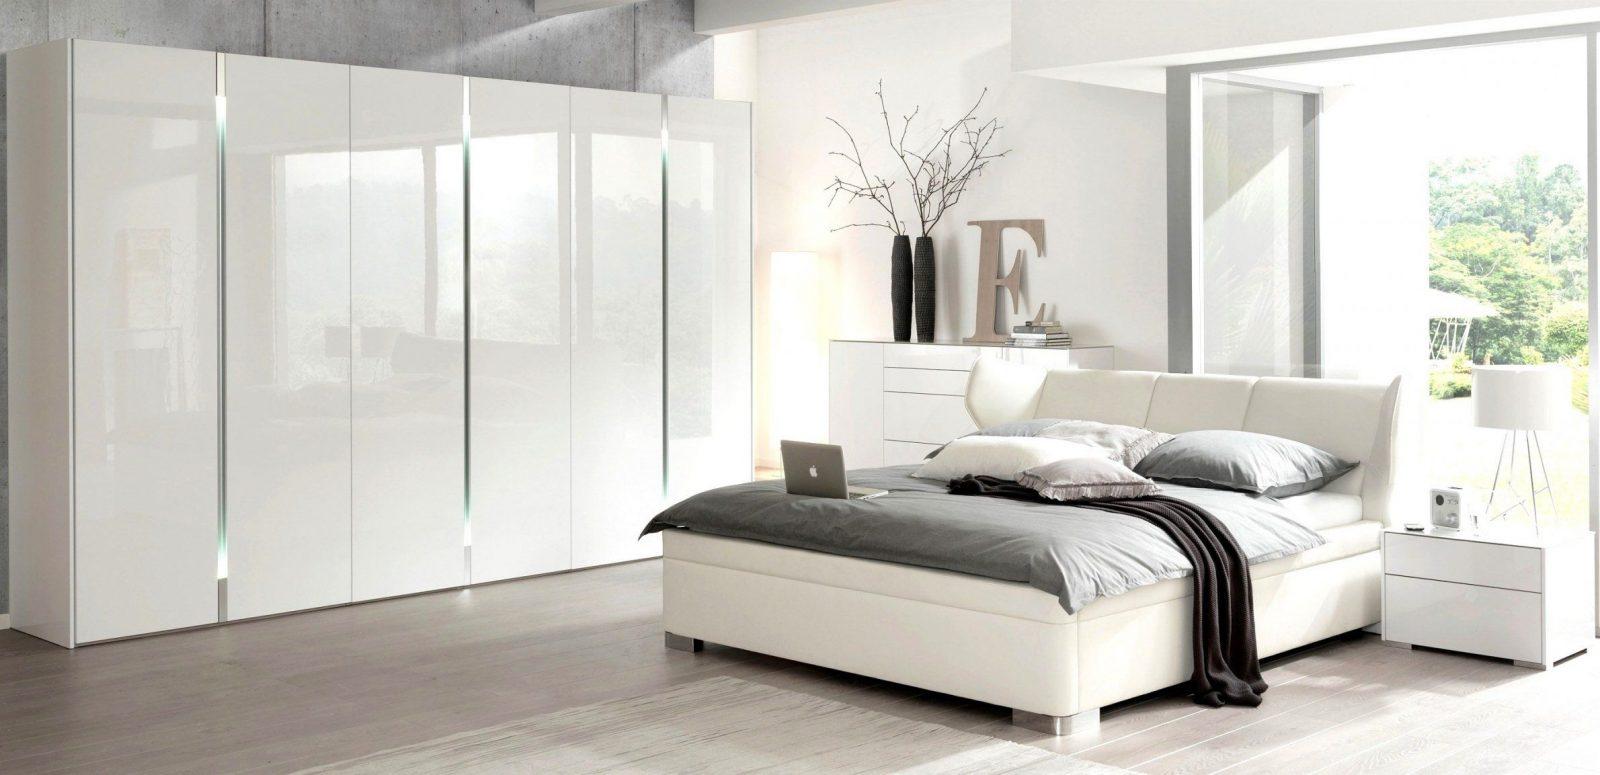 Komplett Schlafzimmer Novalis Hochglanz Schwarz Weiß von ...